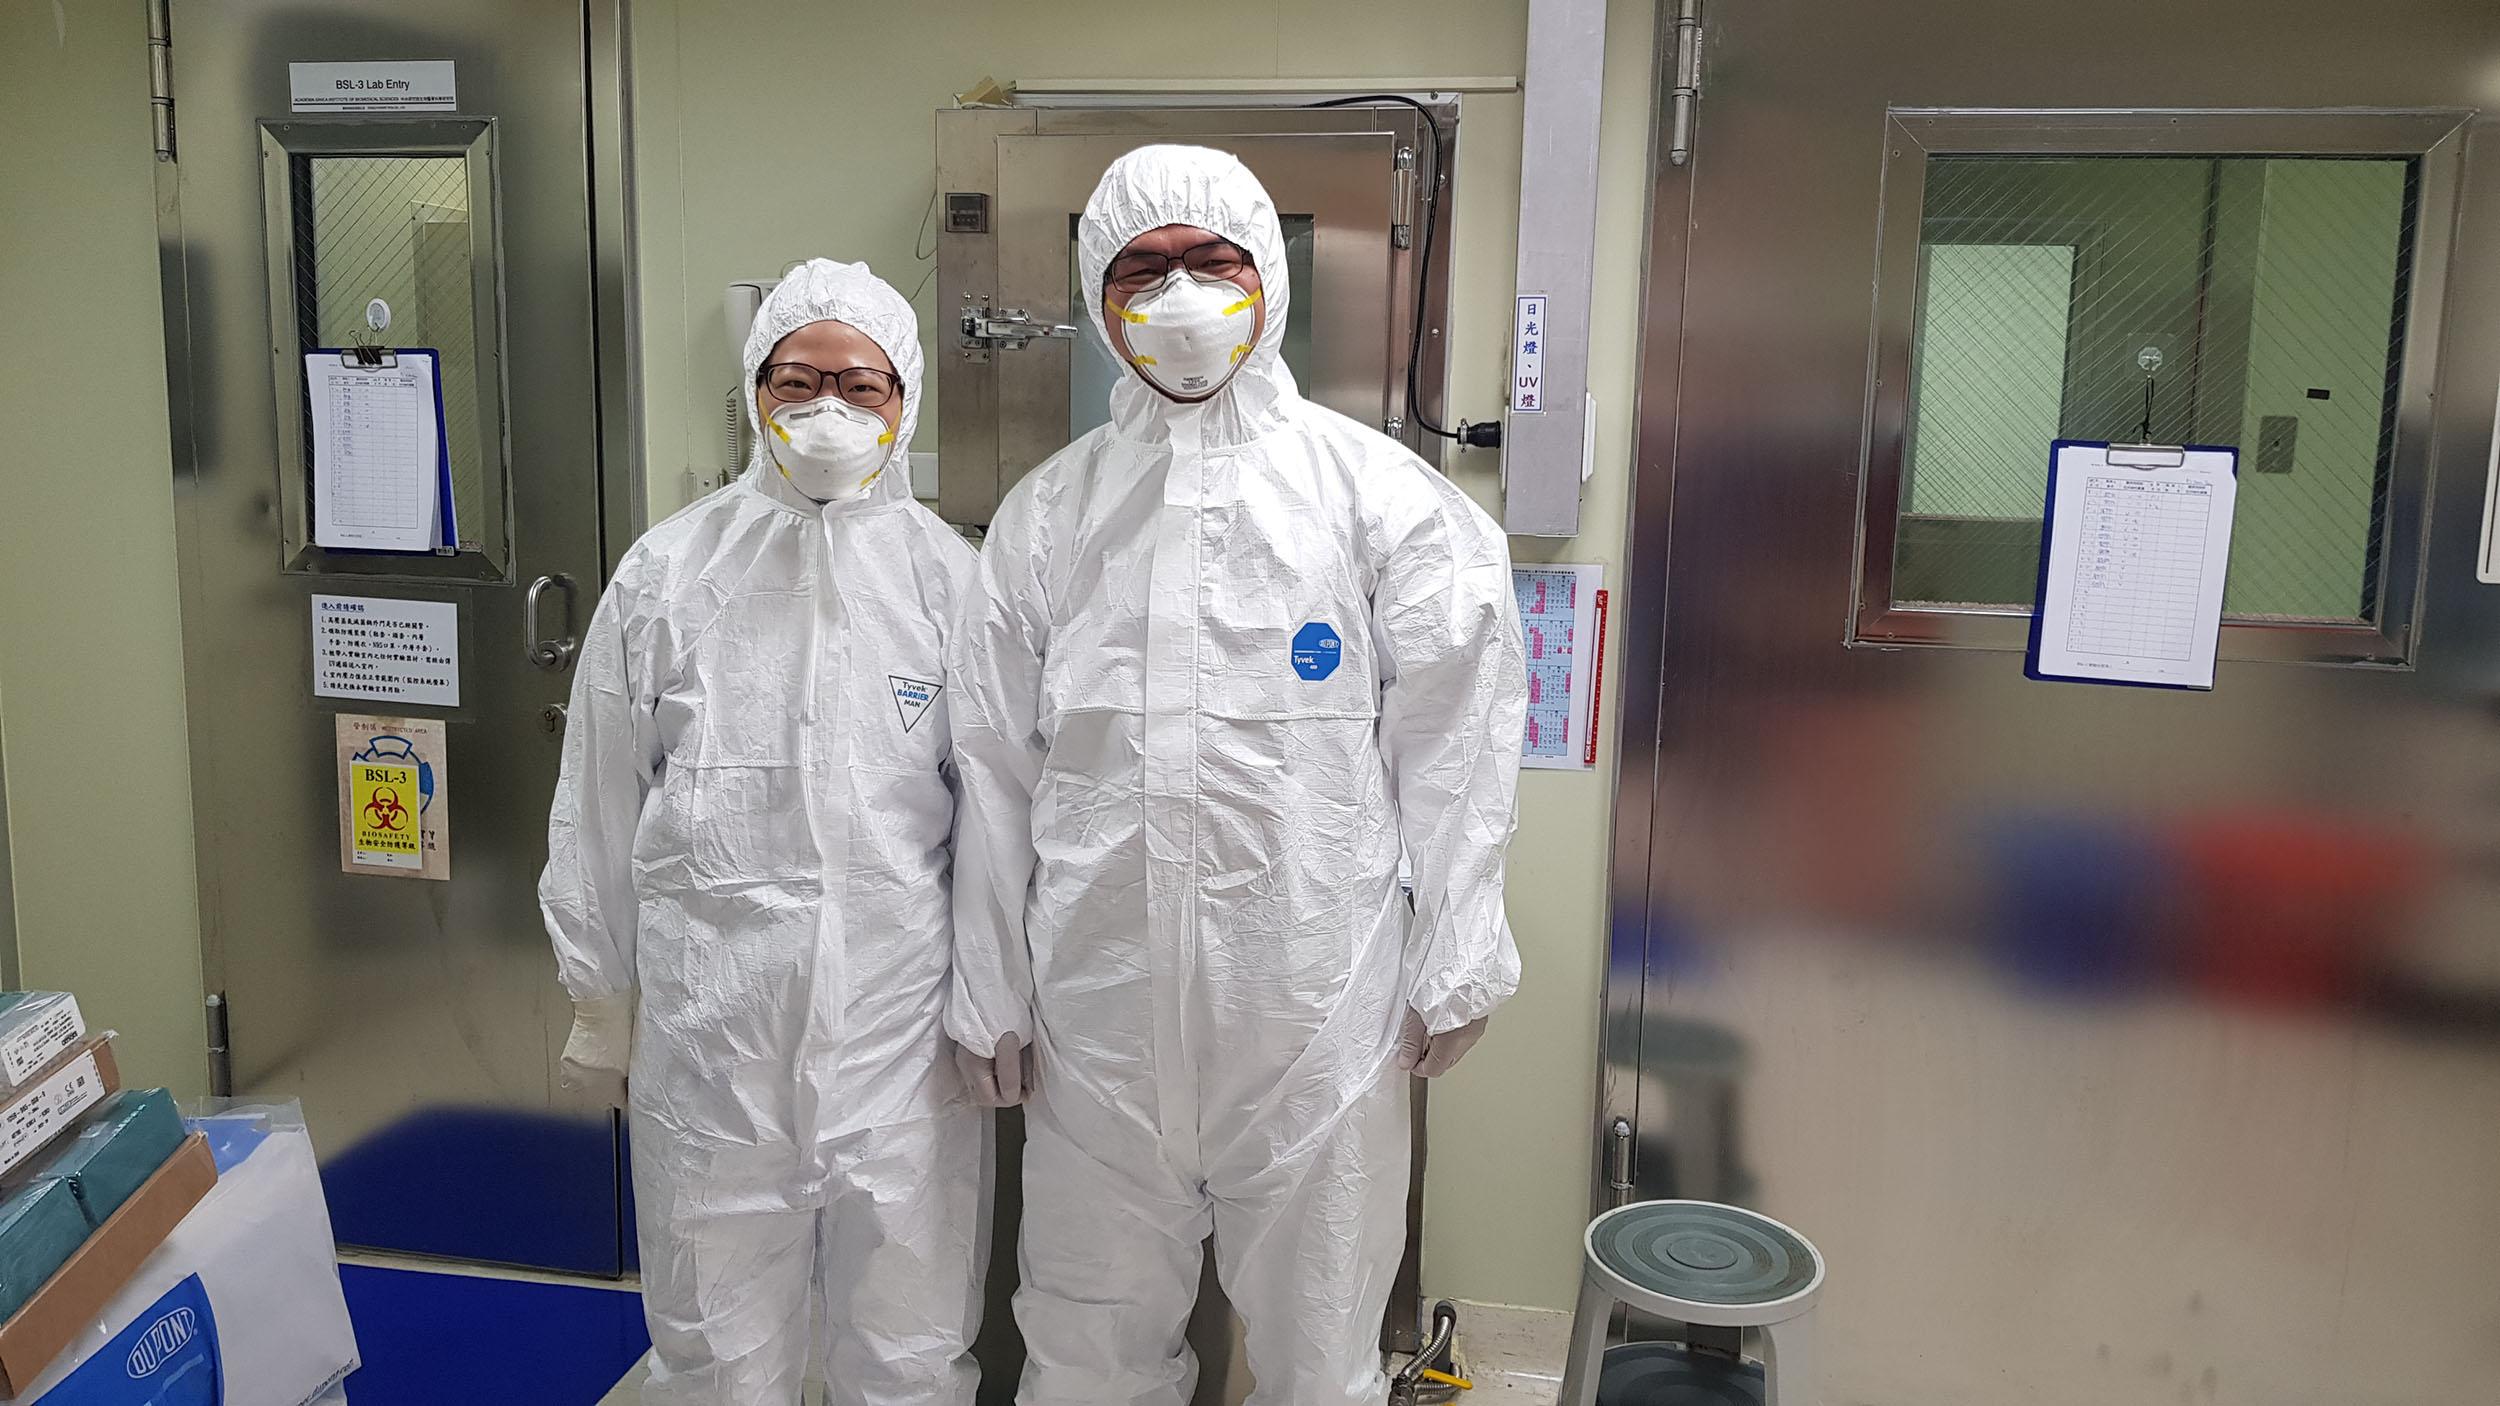 林宜玲實驗室同仁在 P3 實驗室前合影。P3 實驗室的工作人員必須穿著實驗衣,而且穿、脫順序都有嚴格的 SOP,並配合定期訓練。圖│林宜玲